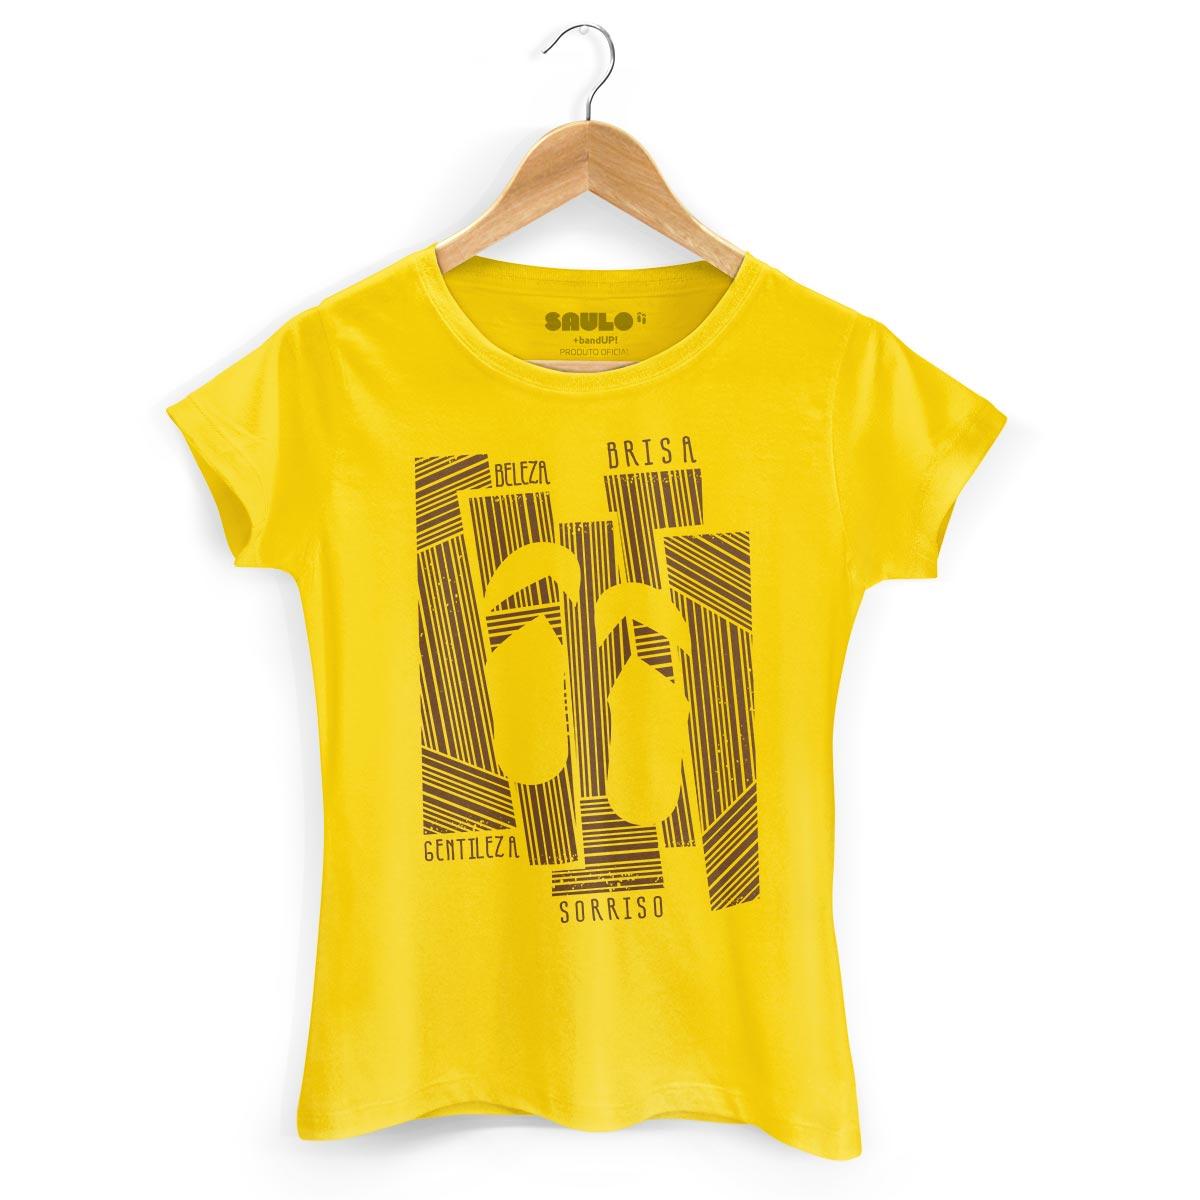 Camiseta Feminina Saulo Beleza, Brisa, Gentileza e Sorriso